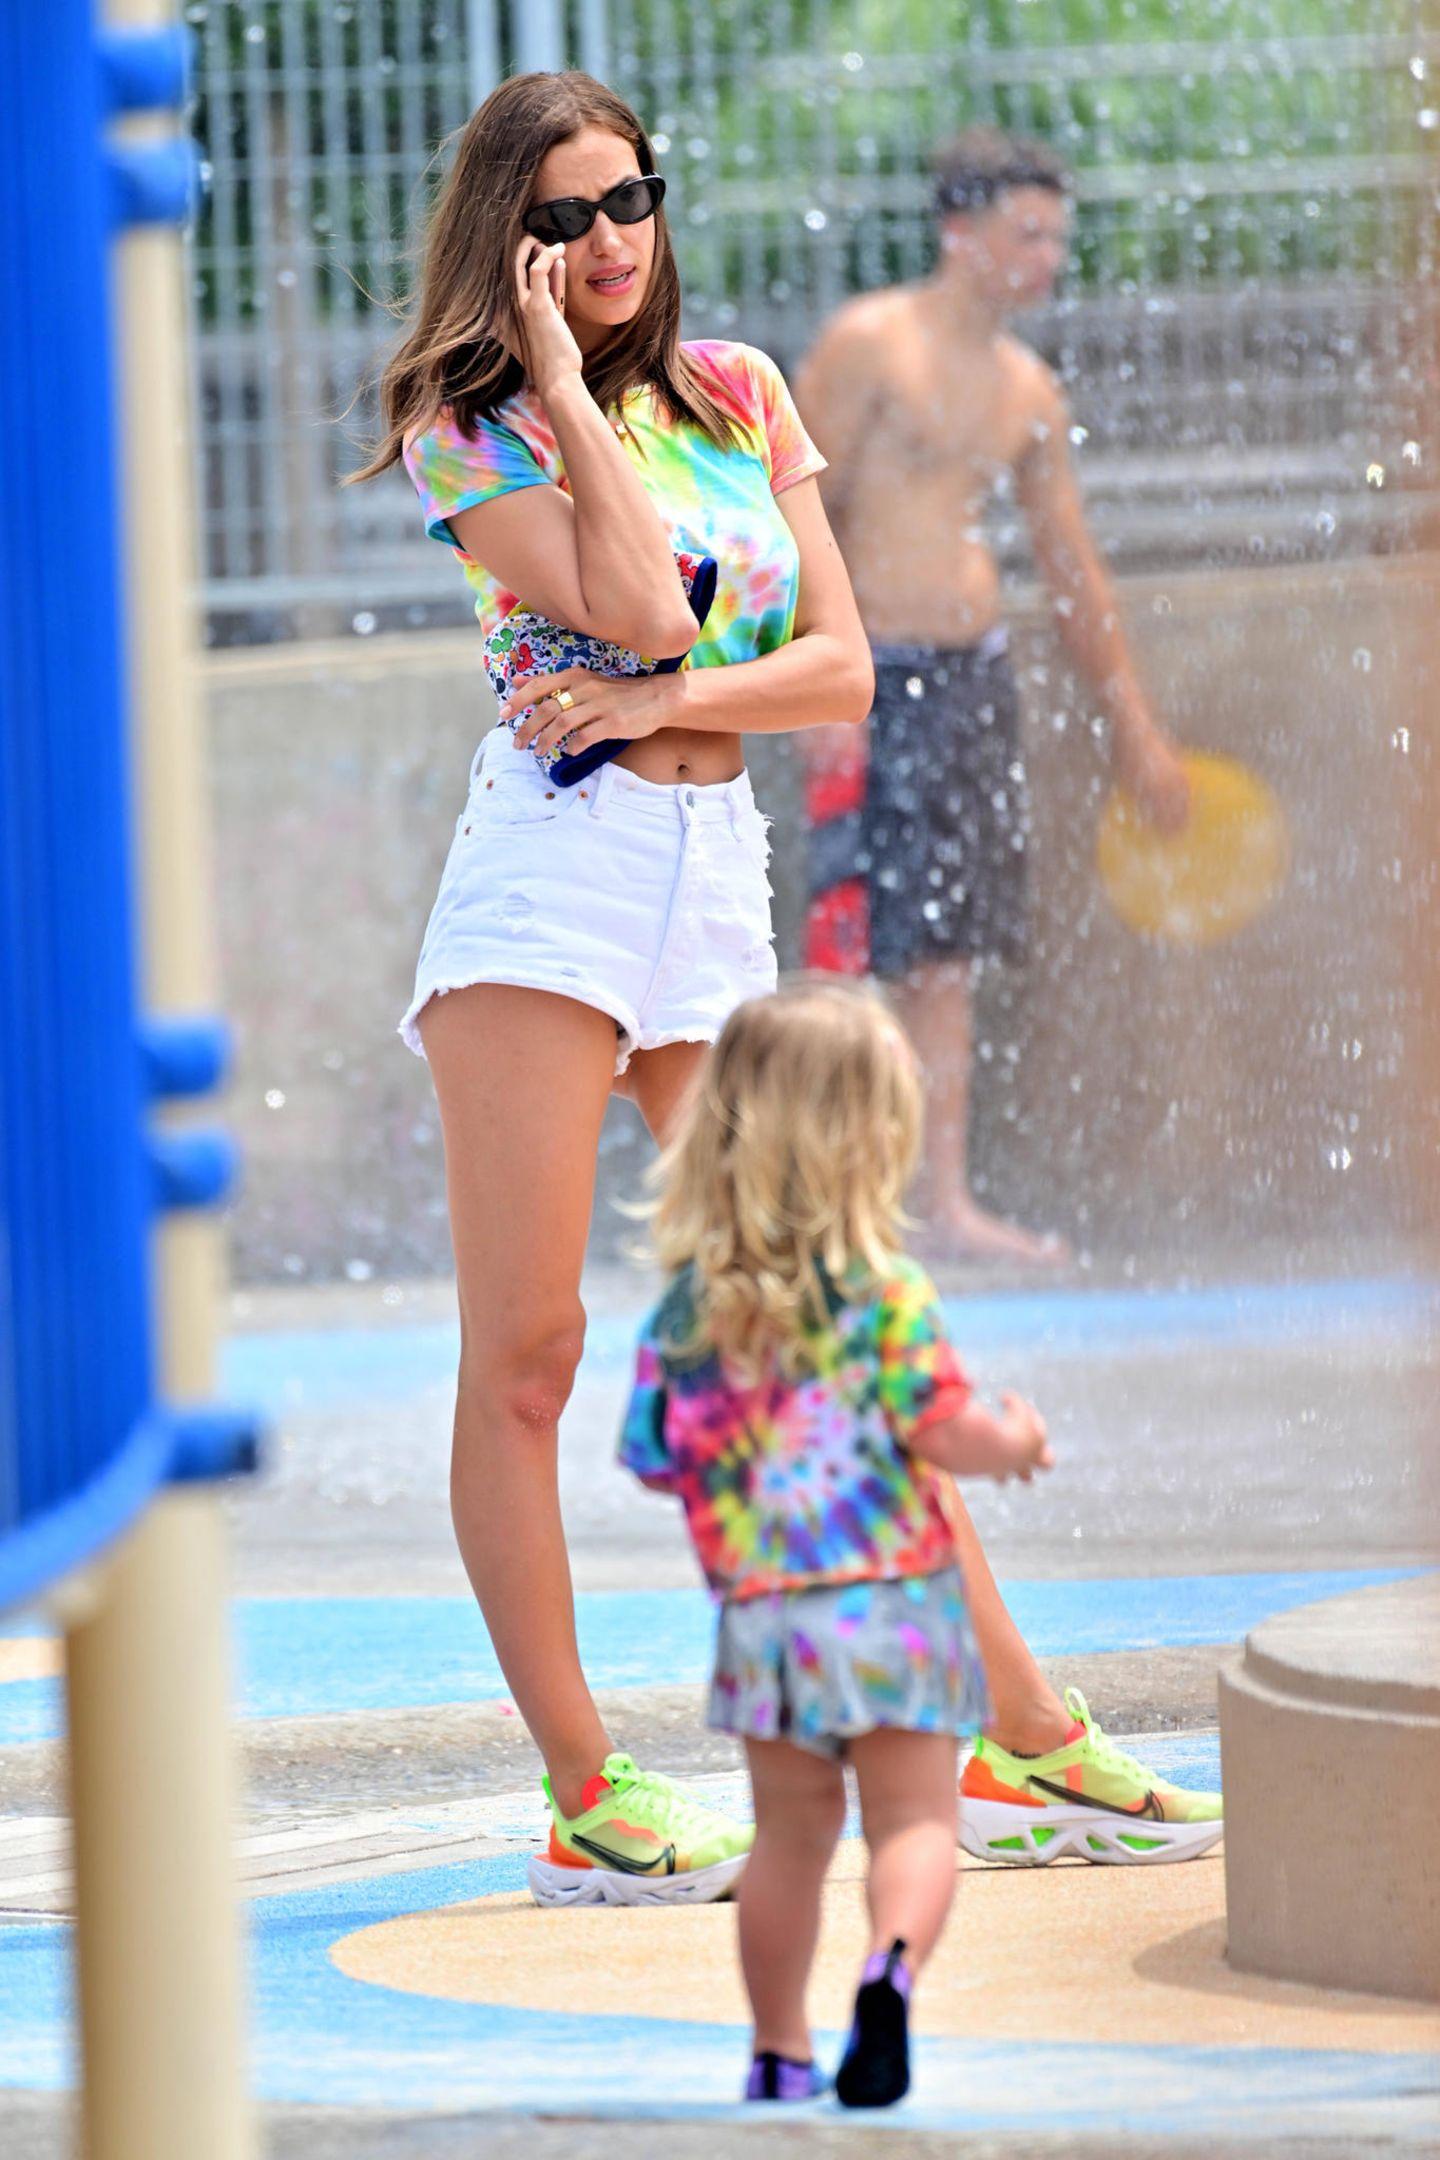 Bei sommerlichen Temperaturen in New York gönnen sich Irina Shayk und Töchterchen Lea de Seine eine kleine Abkühlung in einem Wasserpark. Dass sie fest zusammengehören zeigt das Duo gekonnt mit seinem Partnerlook ...